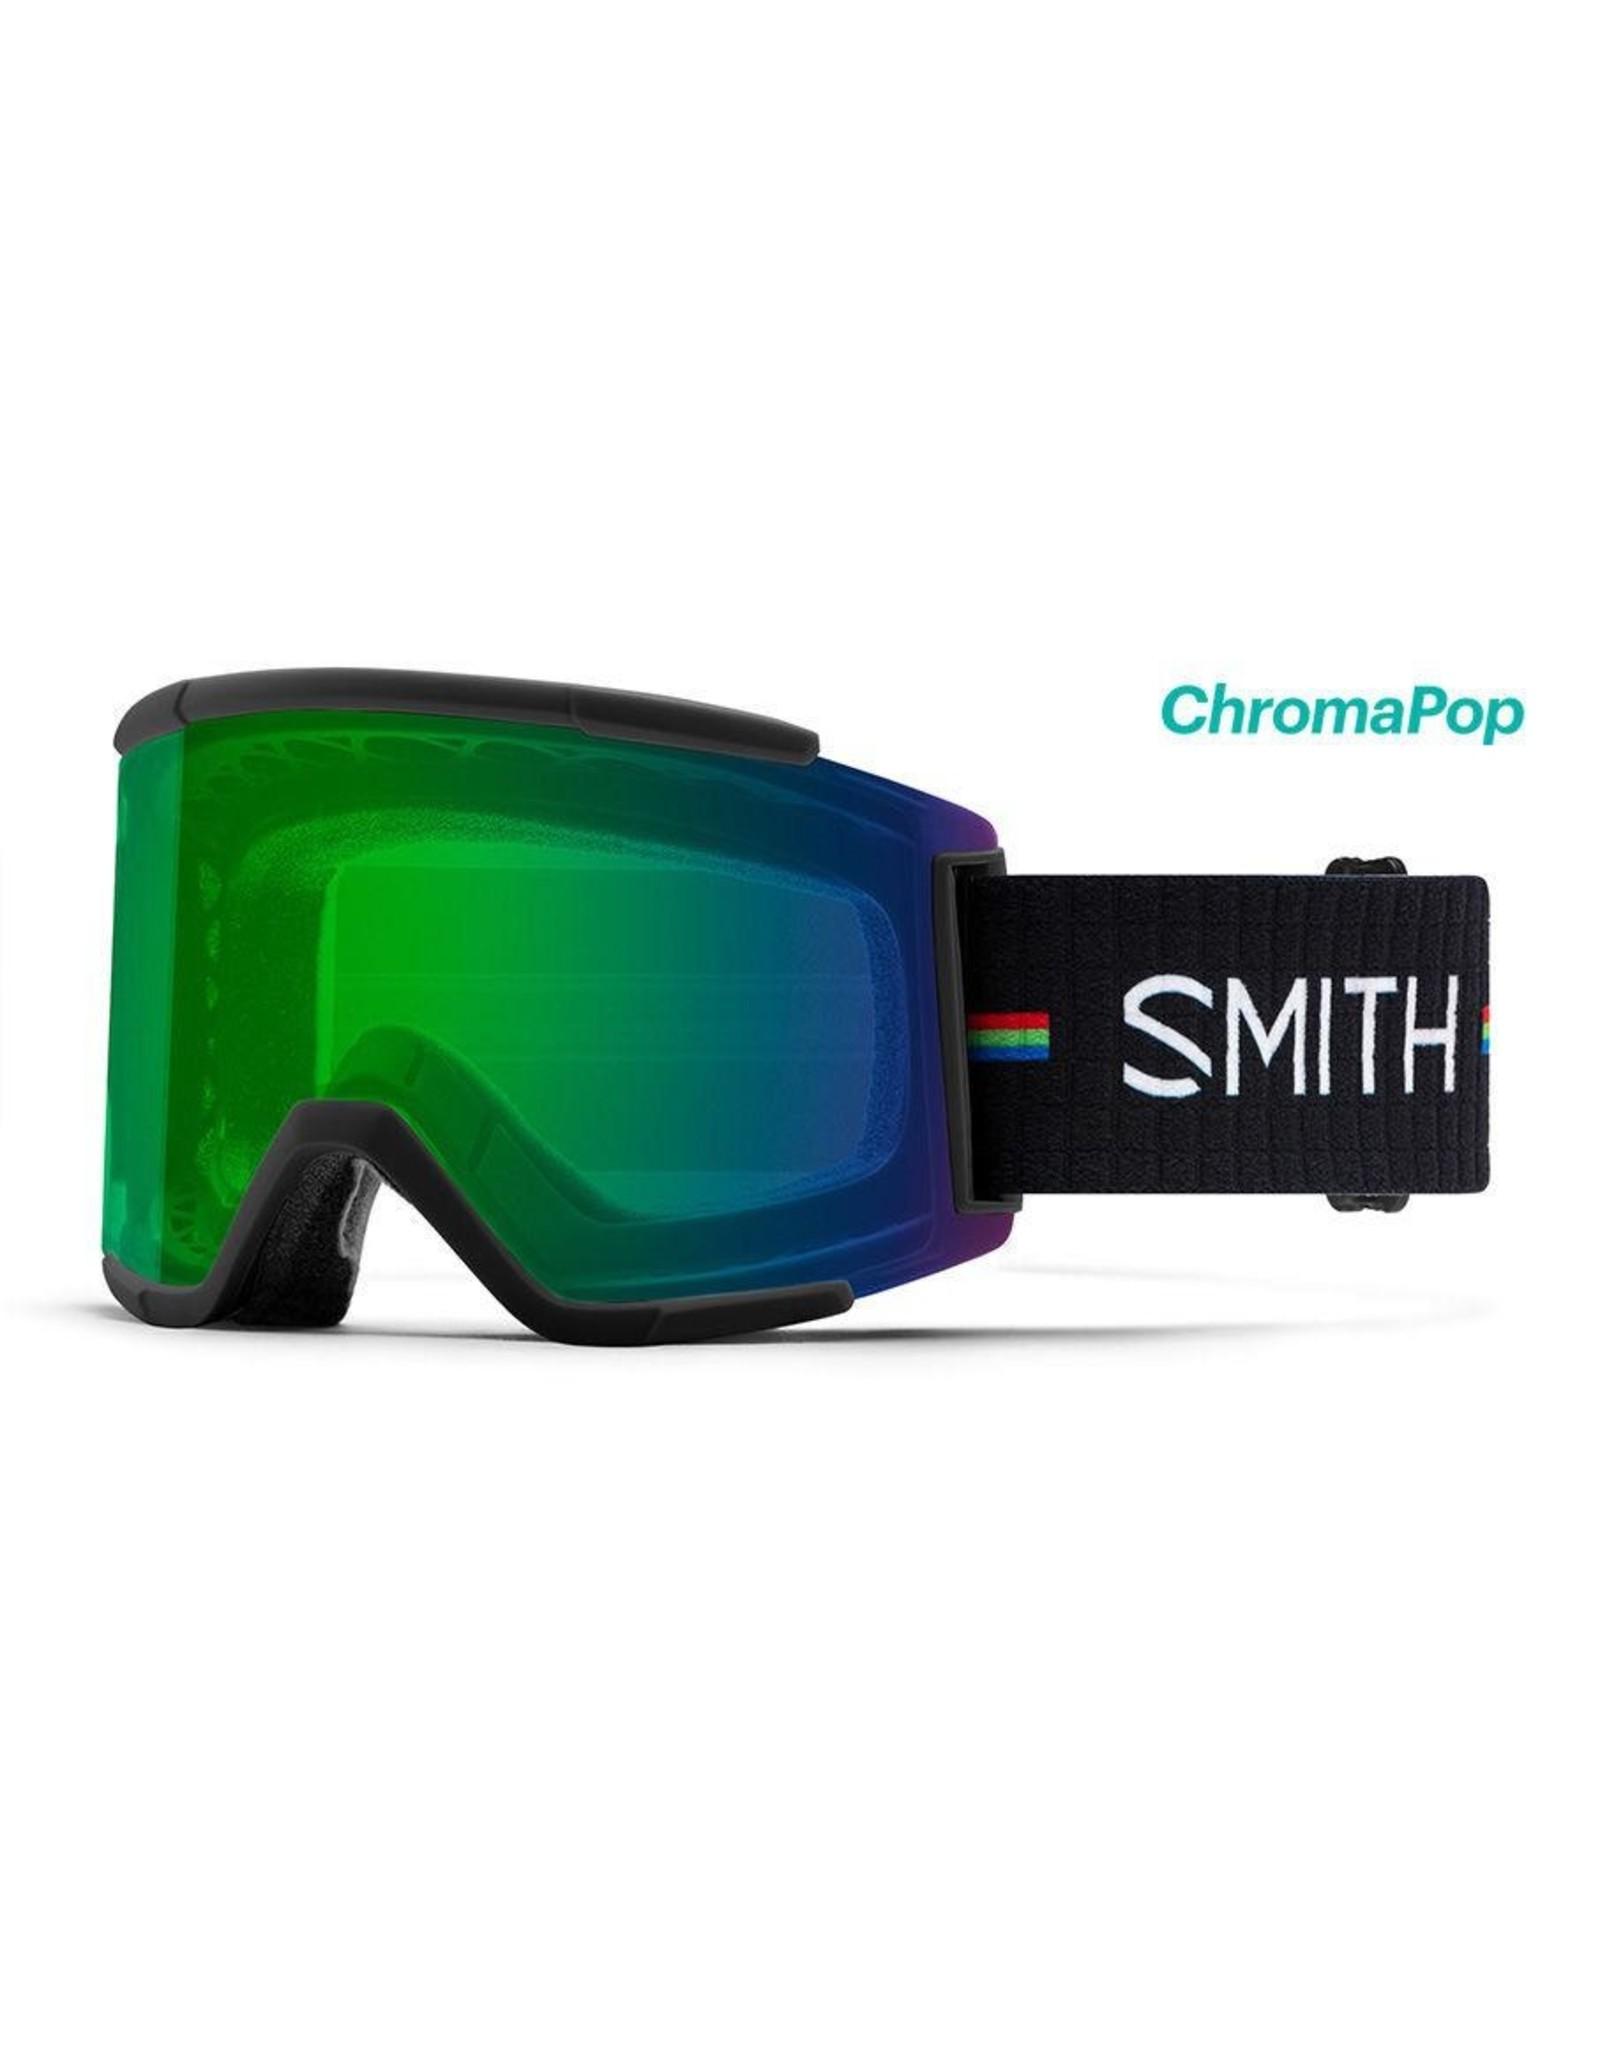 Smith Smith - Squad XL - Louif Paradis - ChromaPop Everyday Green Mirror